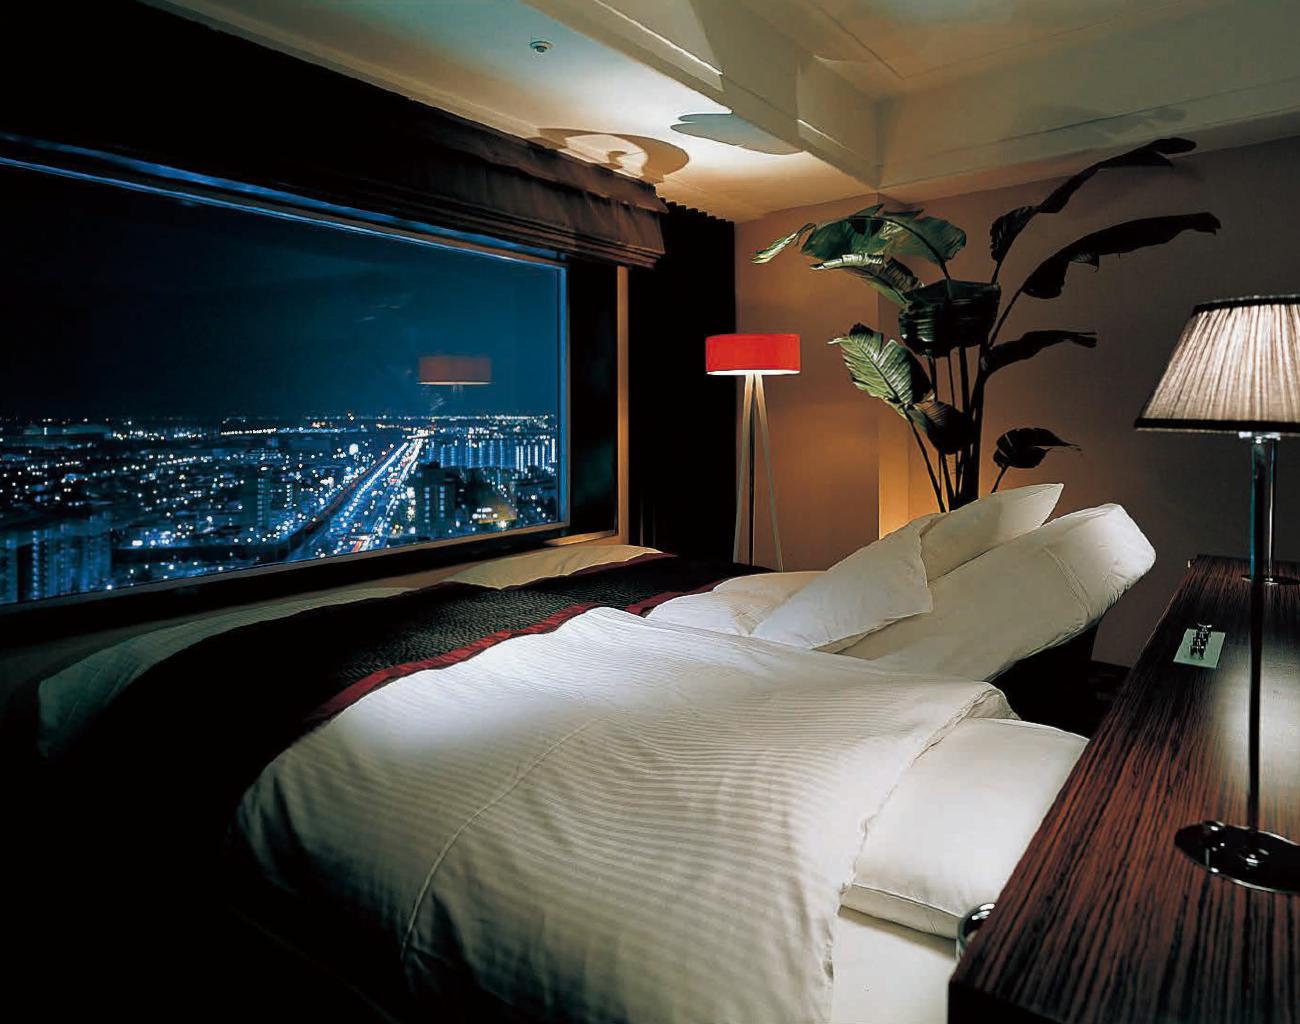 ディズニーランドに便利なホテル一覧 | ディズニーランドを100倍楽しむ